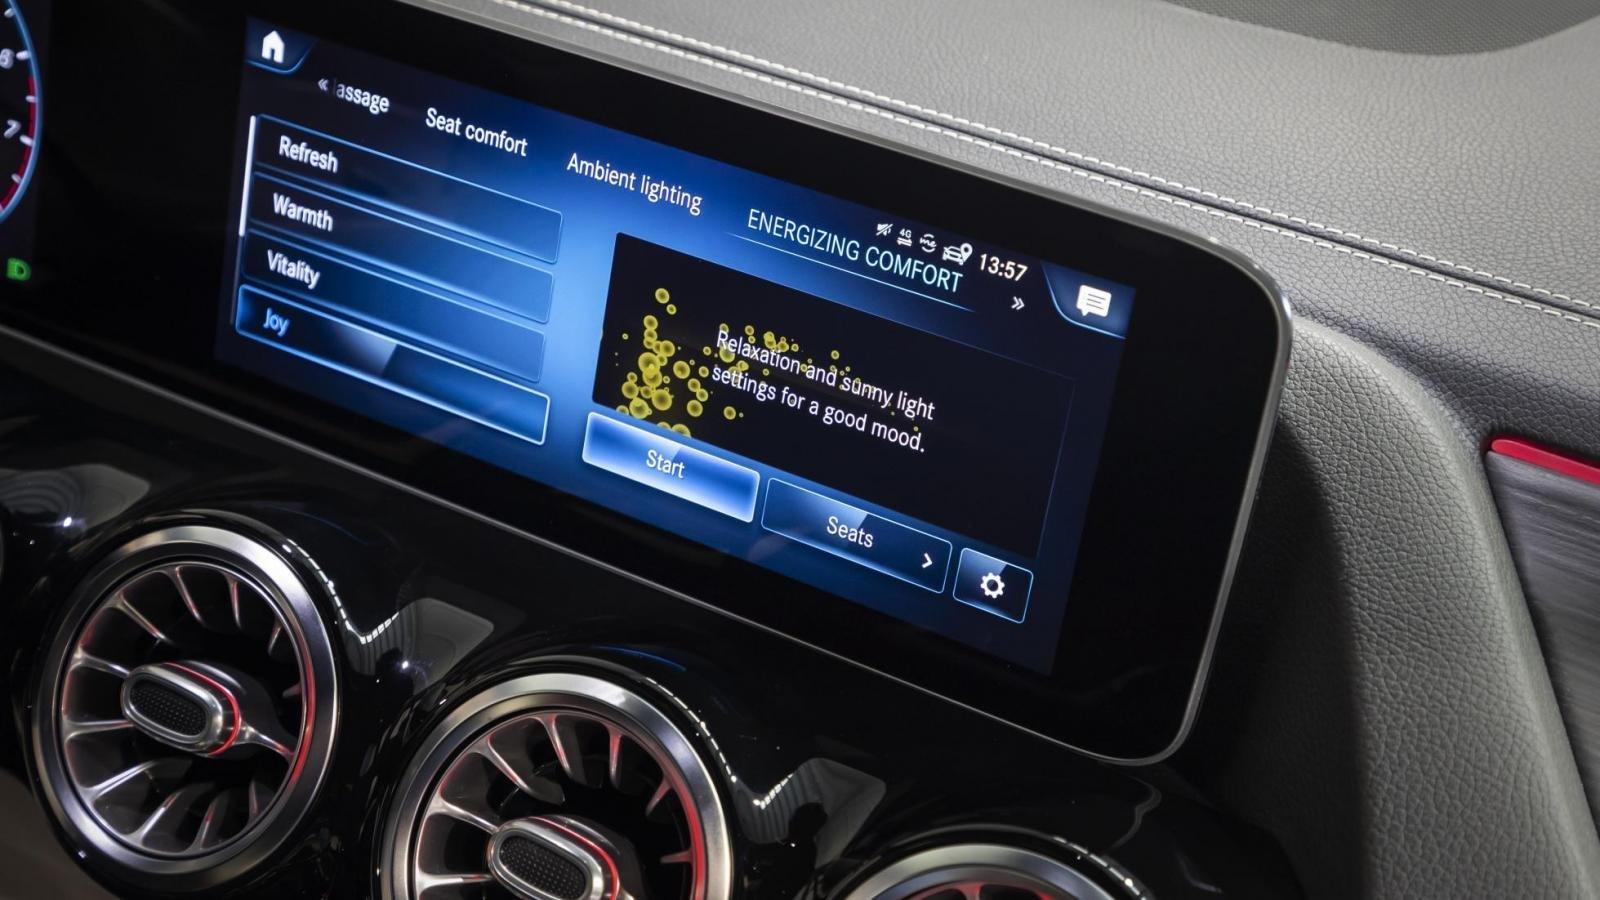 Đánh giá xe Mercedes-Benz B-Class 2020 về trang bị tiện nghi: màn hình MBUX